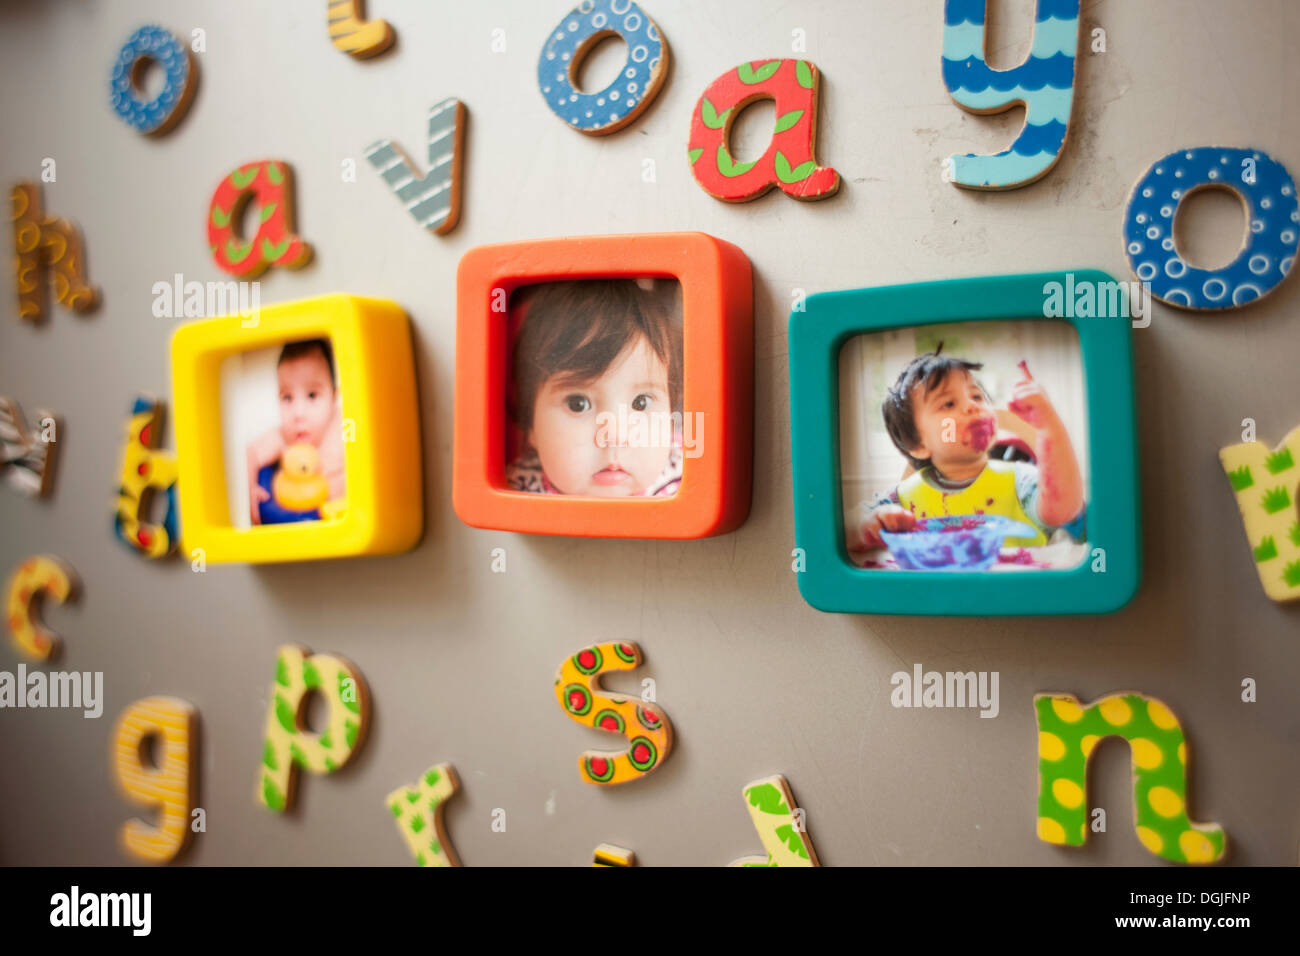 Infanzia fotografie e immagini sul muro Immagini Stock